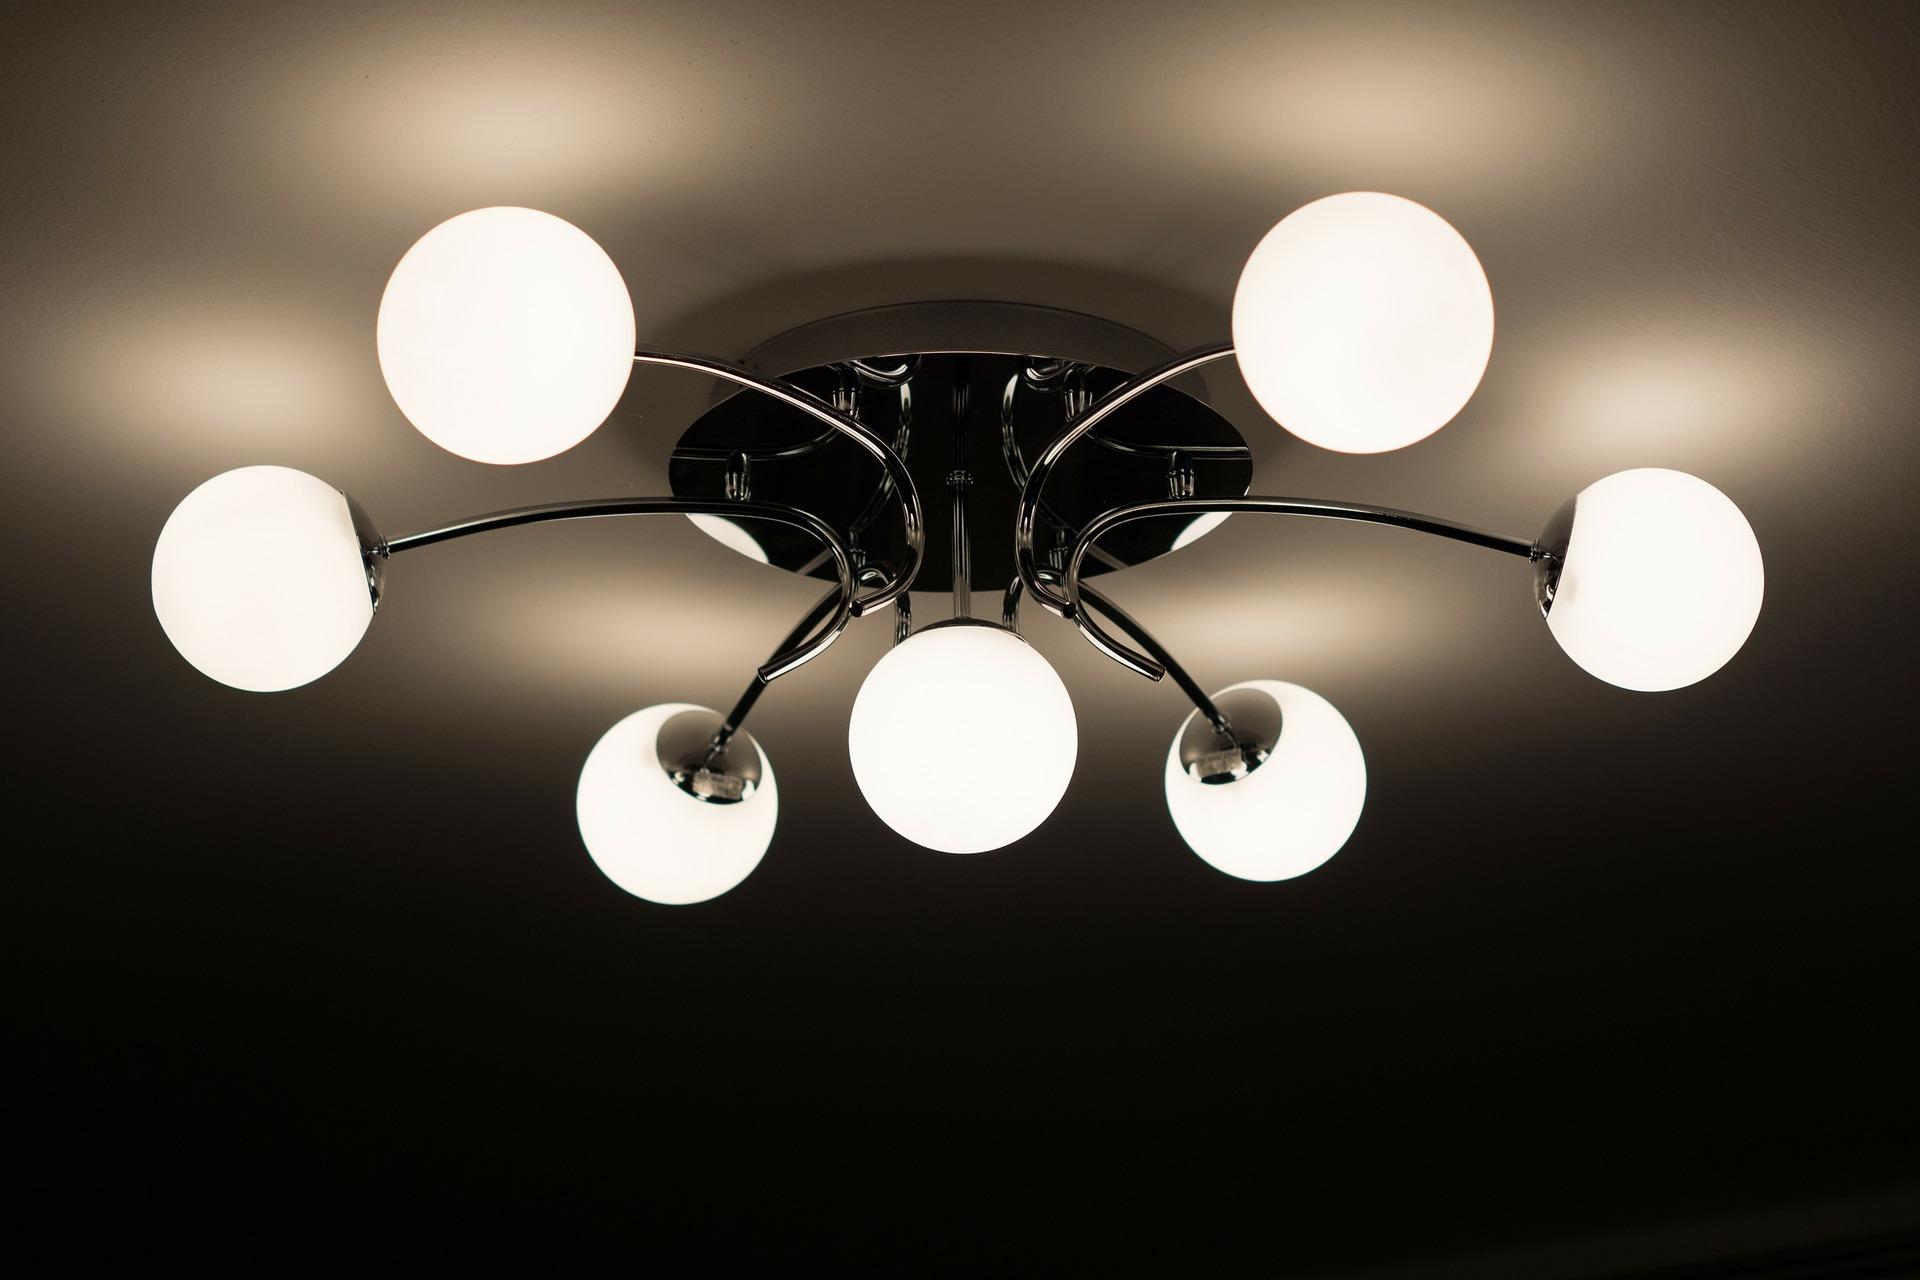 גופי תאורה איכותיים